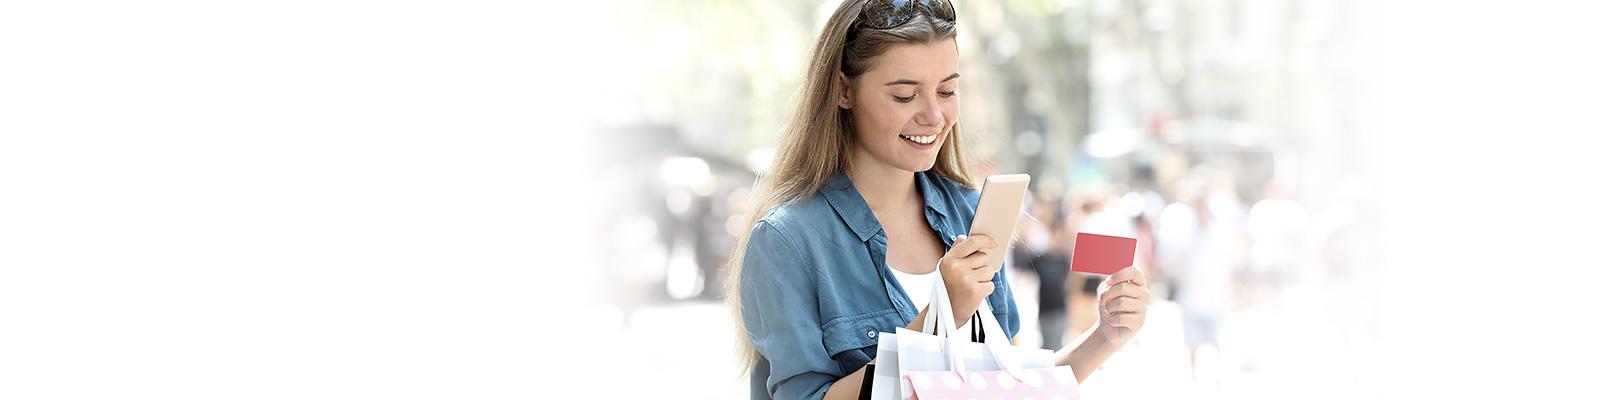 ショッピング ティーンエイジャー 決済 イメージ